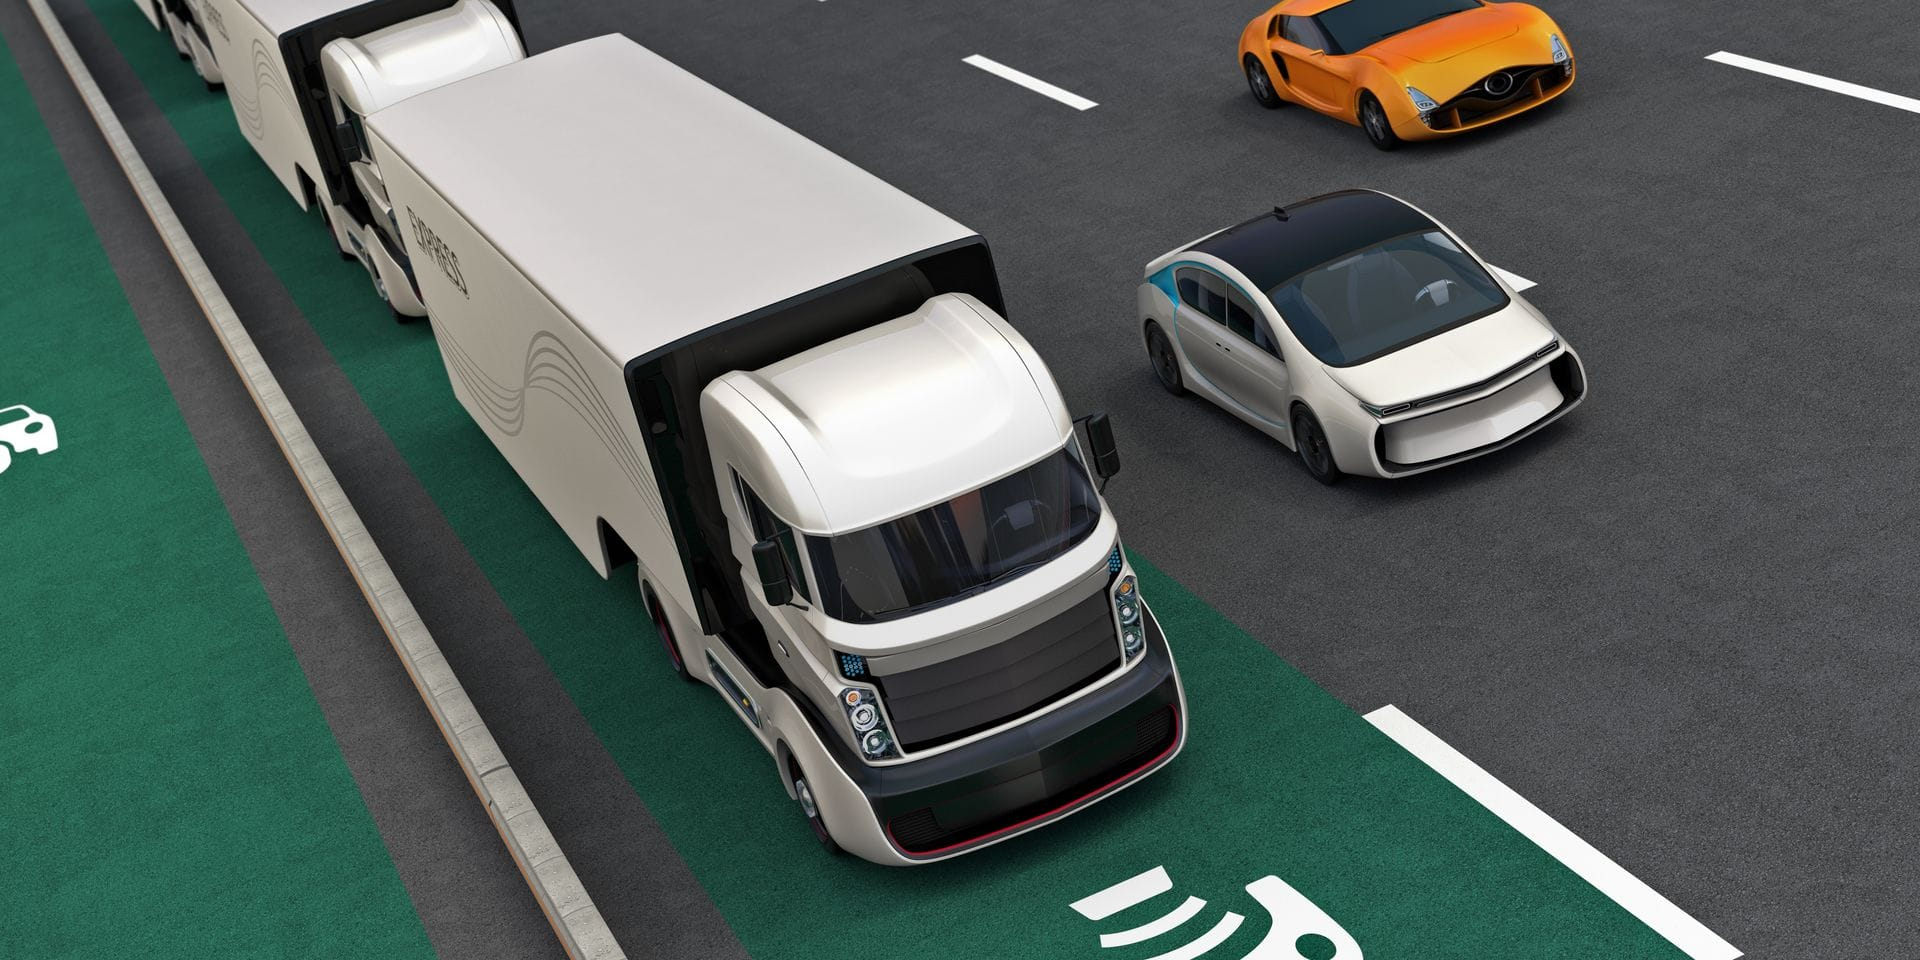 Avec le camion autonome, prenons-nous le virage dans la bonne direction ?